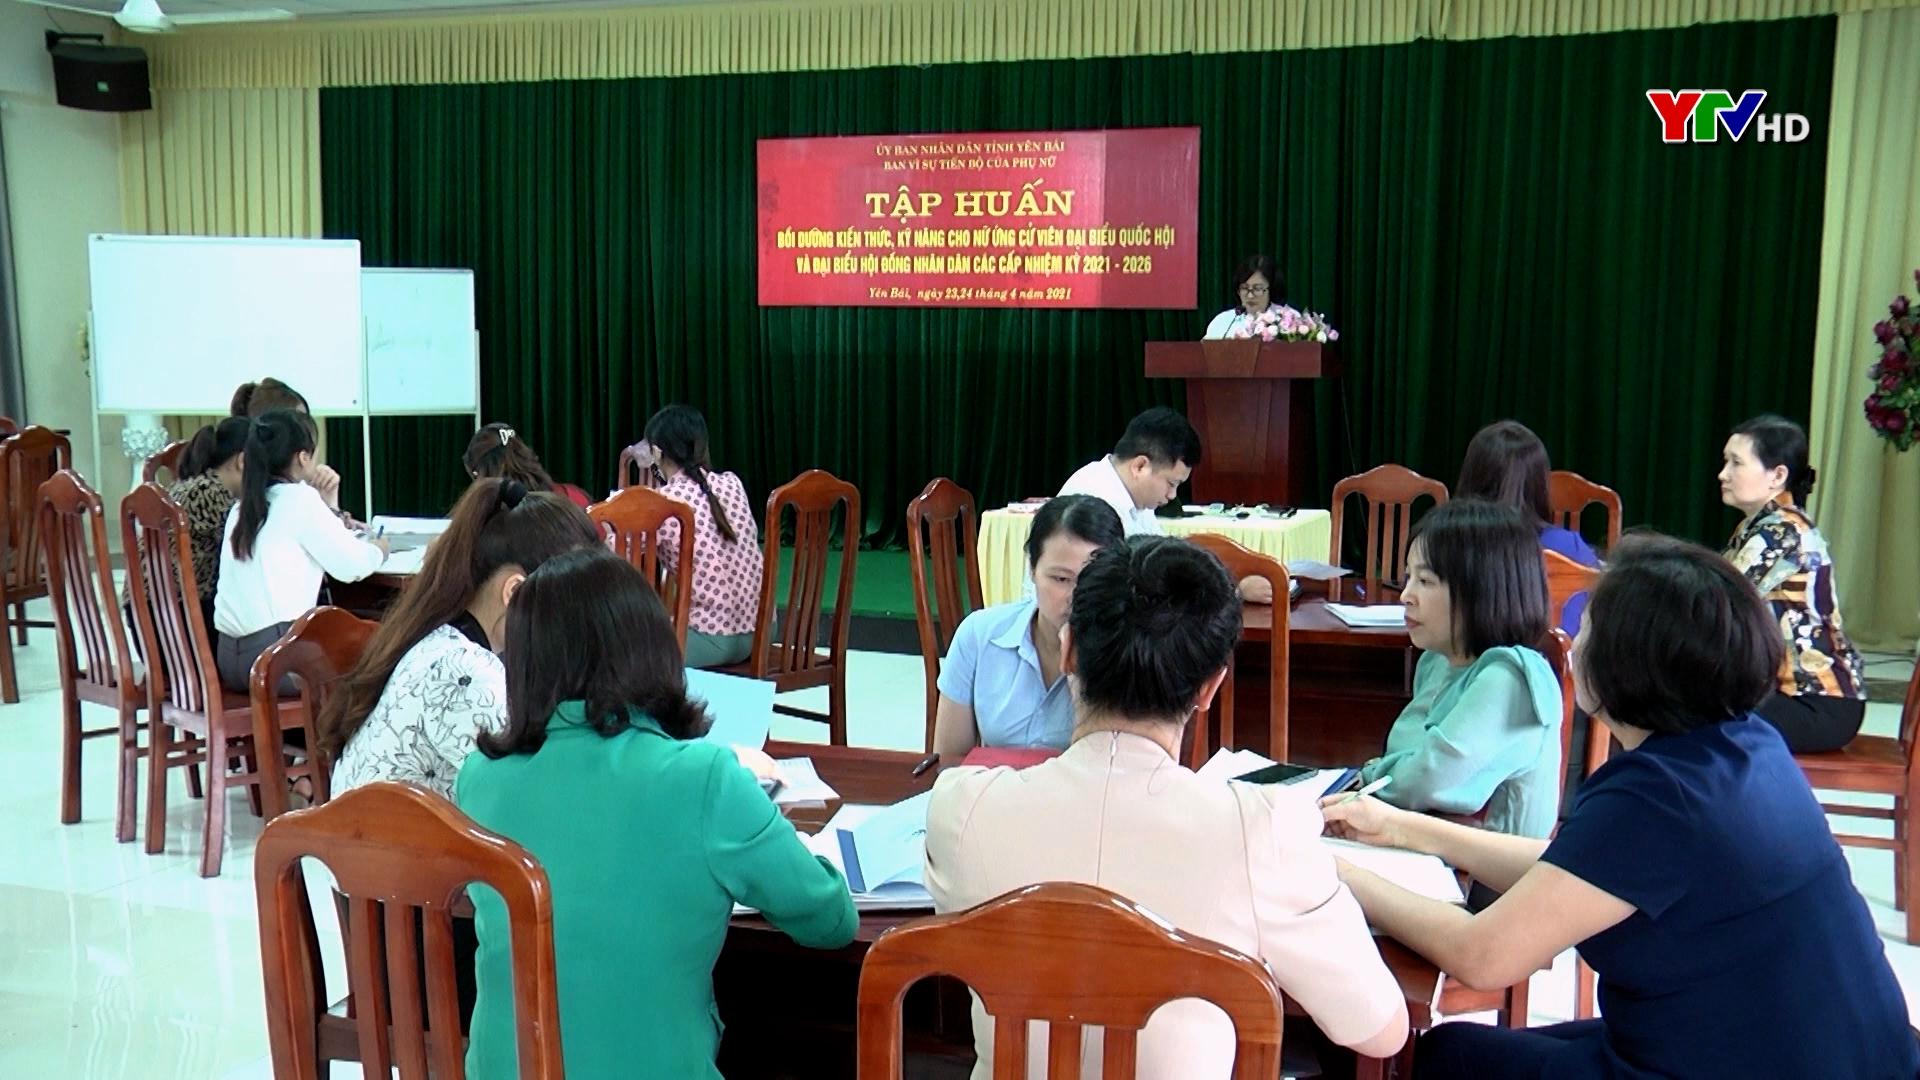 Tập huấn bồi dưỡng kiến thức, kỹ năng cho nữ ứng cử viên ĐBQH và đại biểu HĐND các cấp